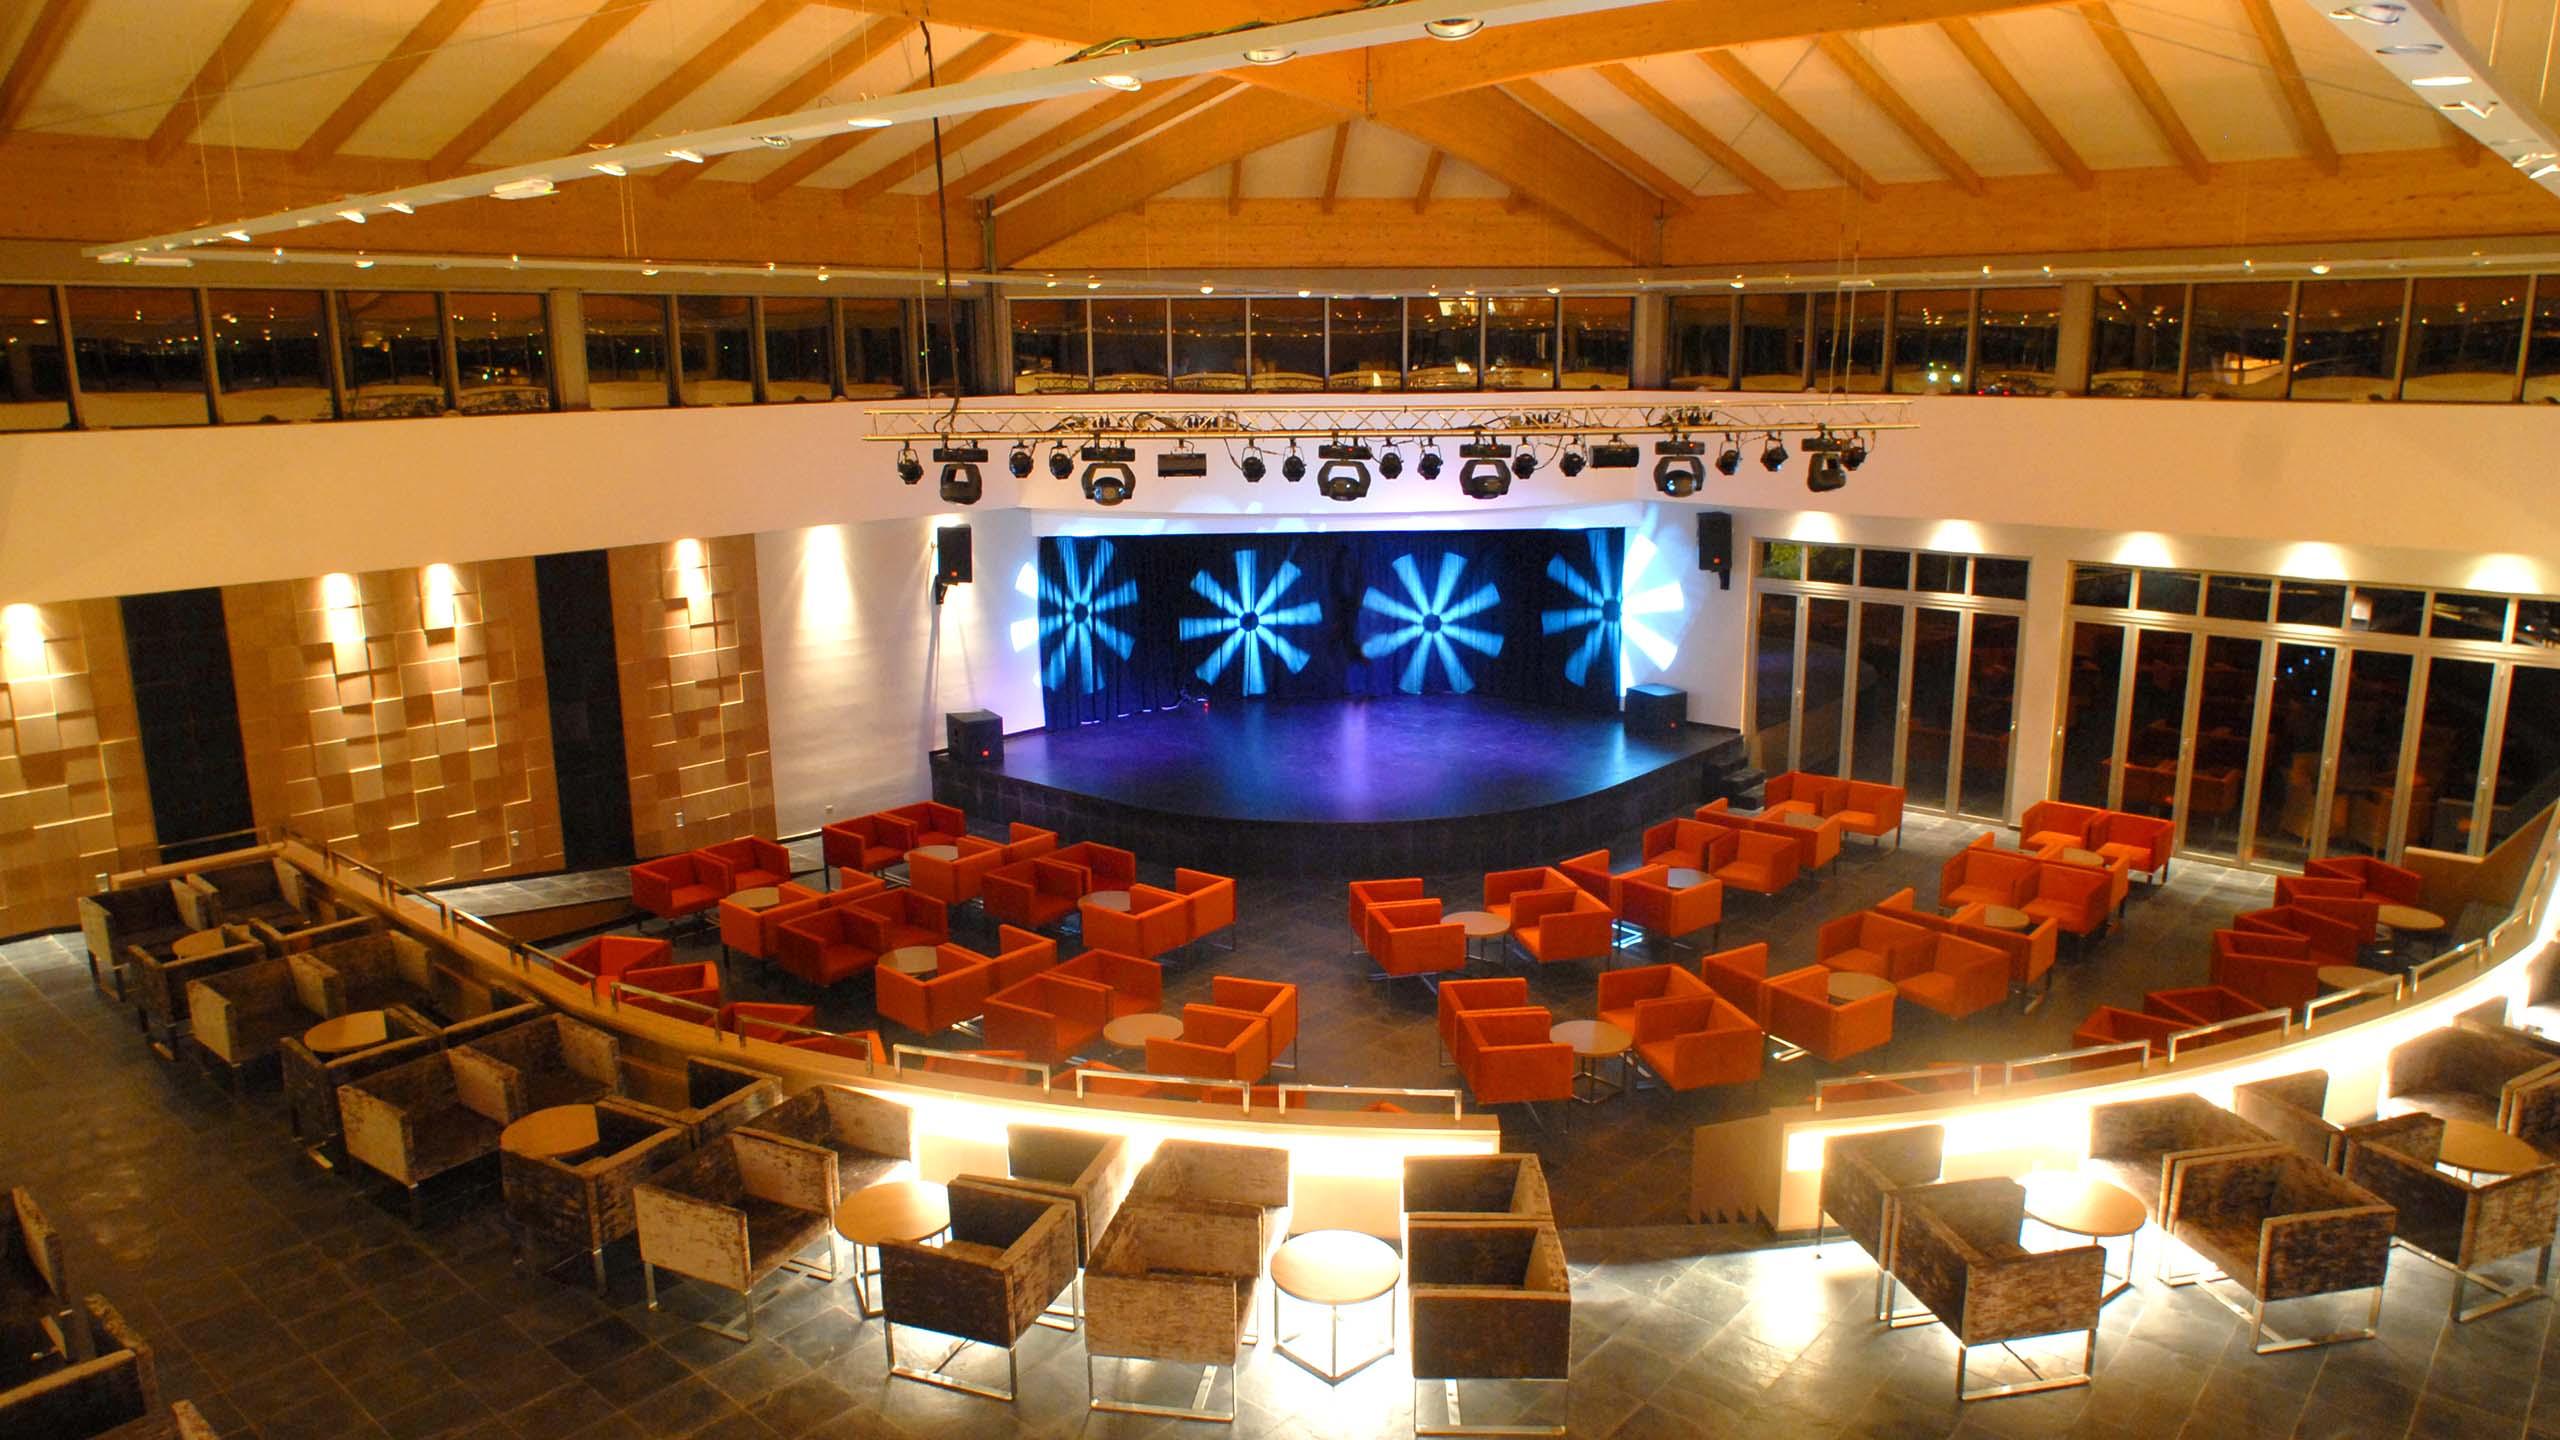 gastronomie und restaurants protur biomar gran hotel & spa ... - Hotels Mit Glutenfreier Küche Auf Mallorca